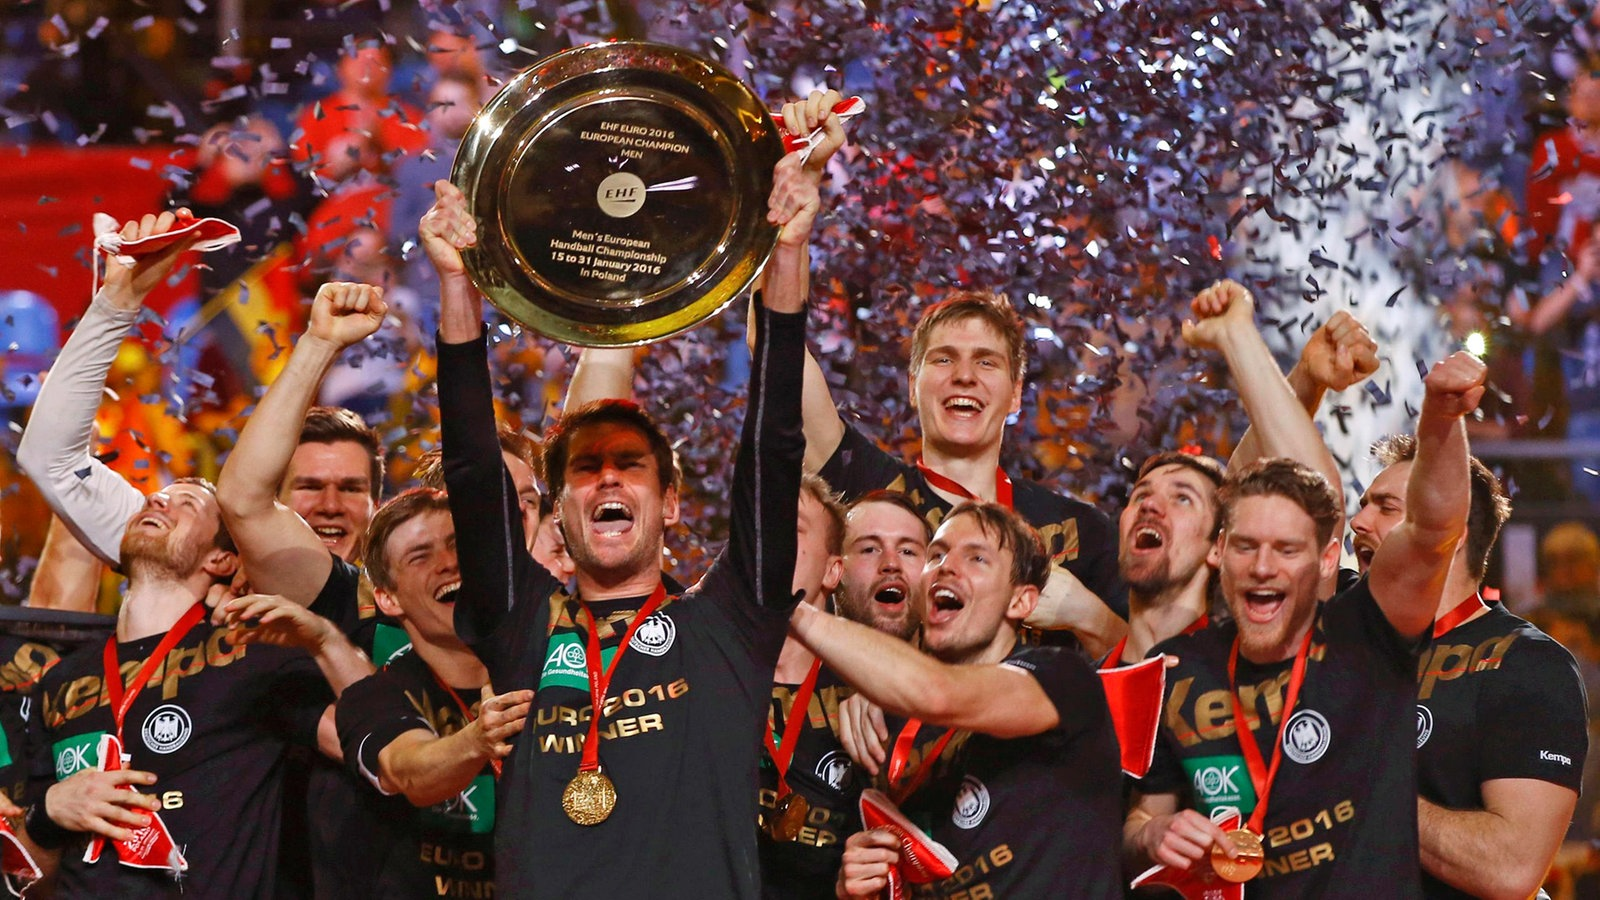 handball-em-finale-deutschland-spanien-124_v-gseagaleriexl